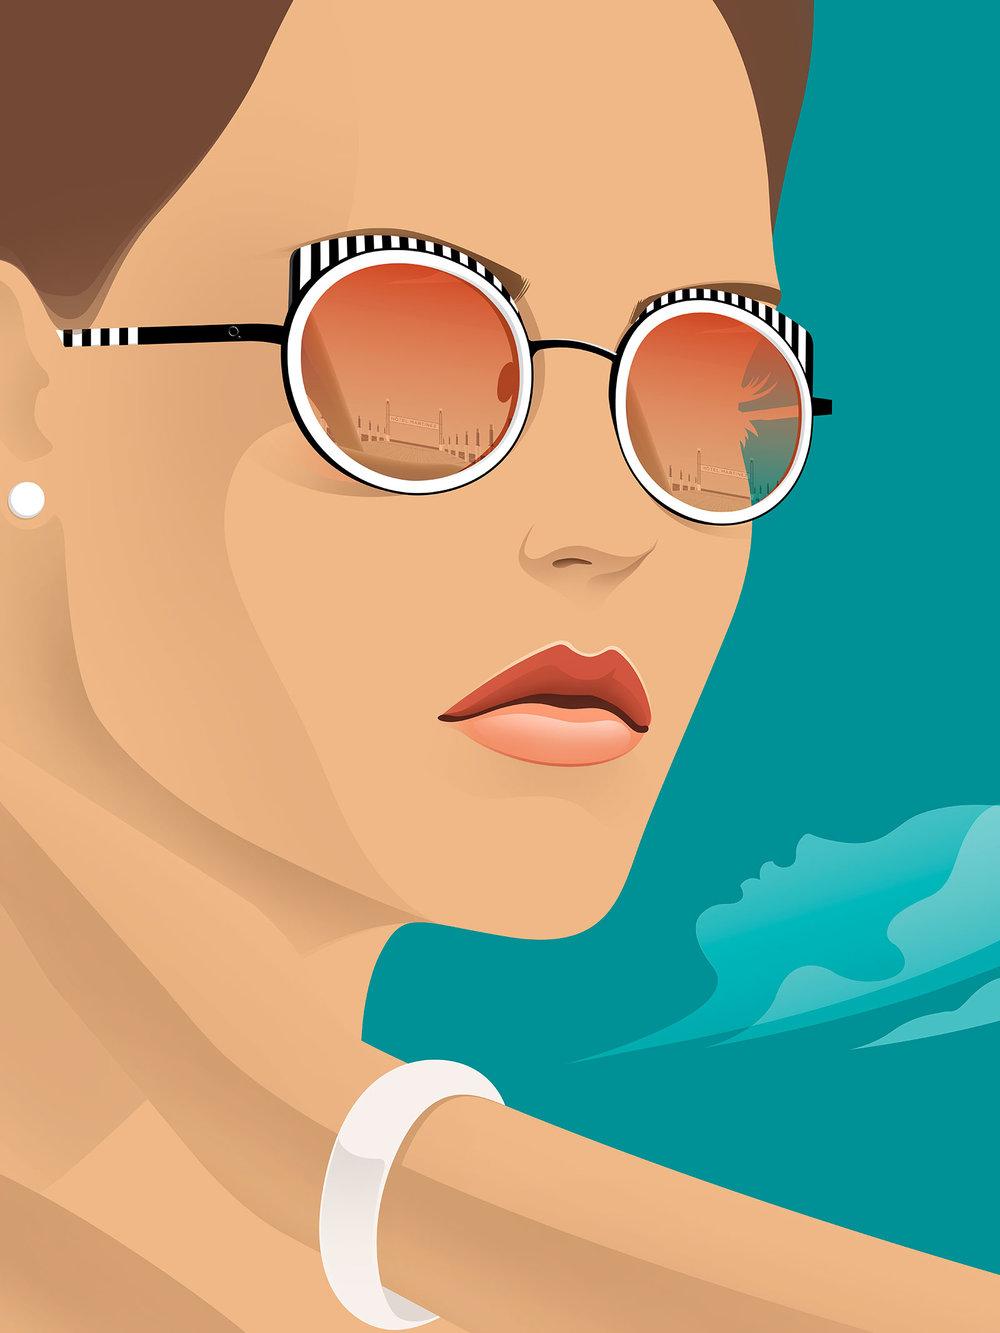 Woman Illustration For Spiga Glasses